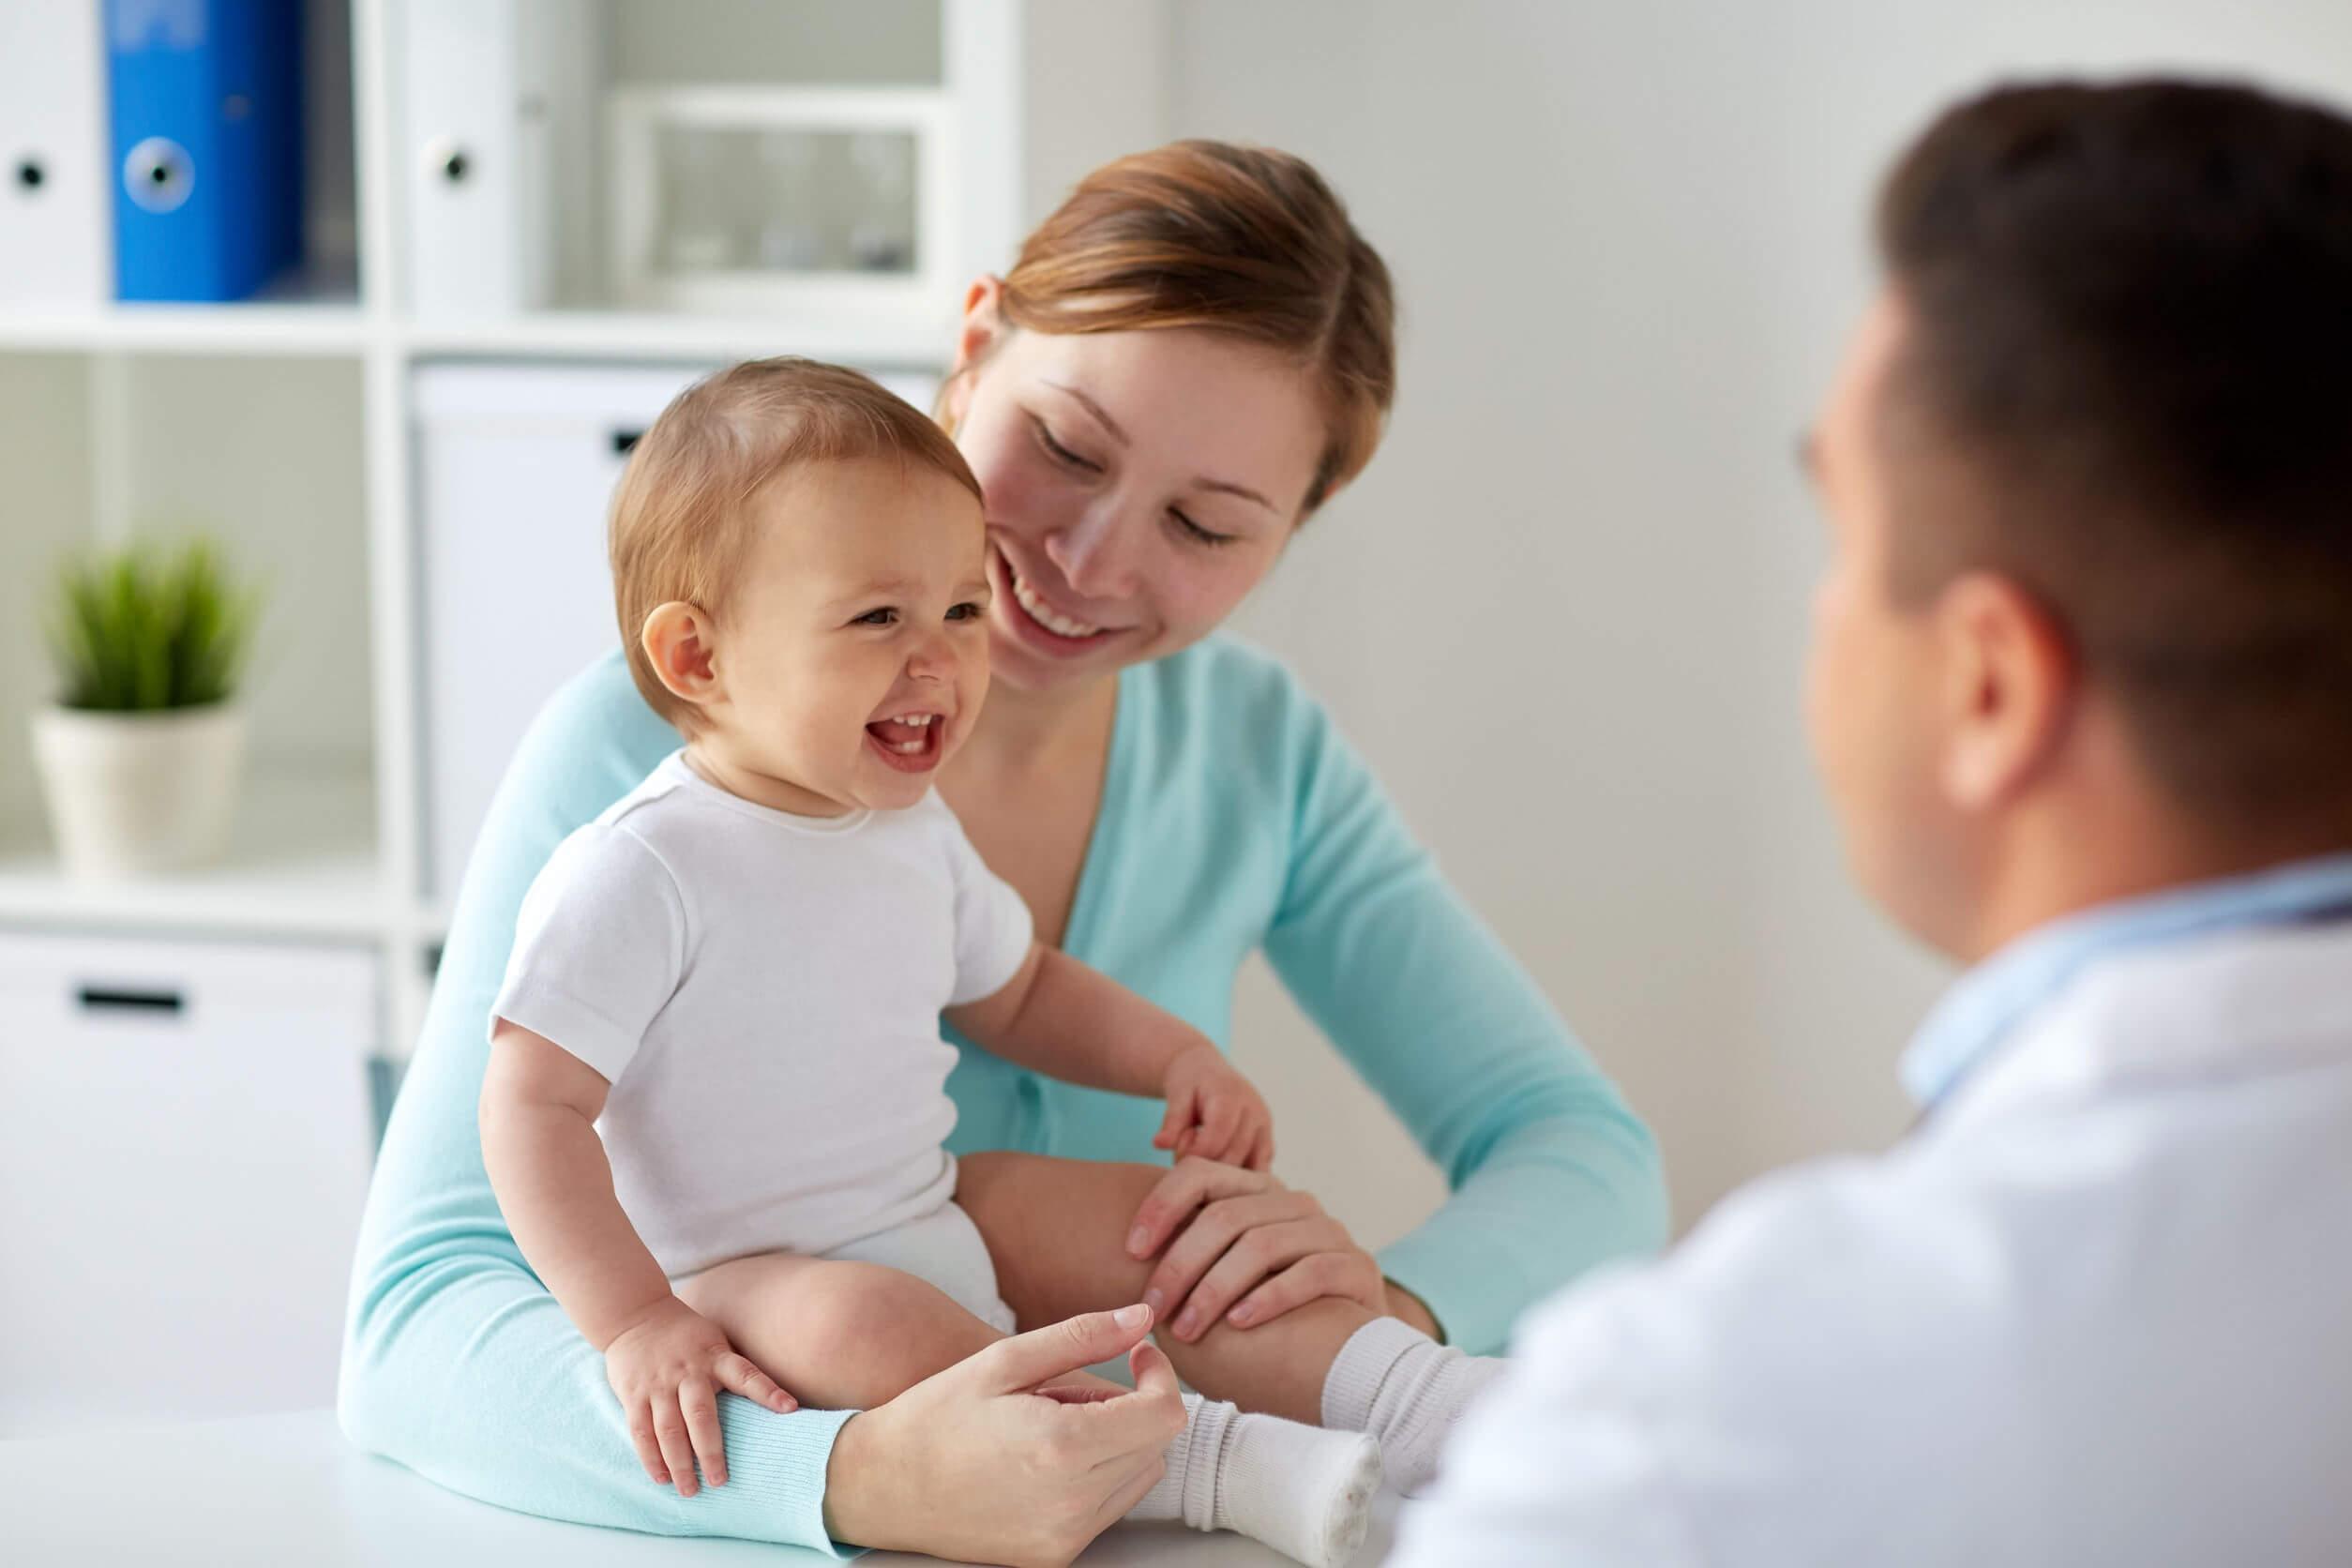 Los bebés no pueden comer miel o pueden requerir atención médica.